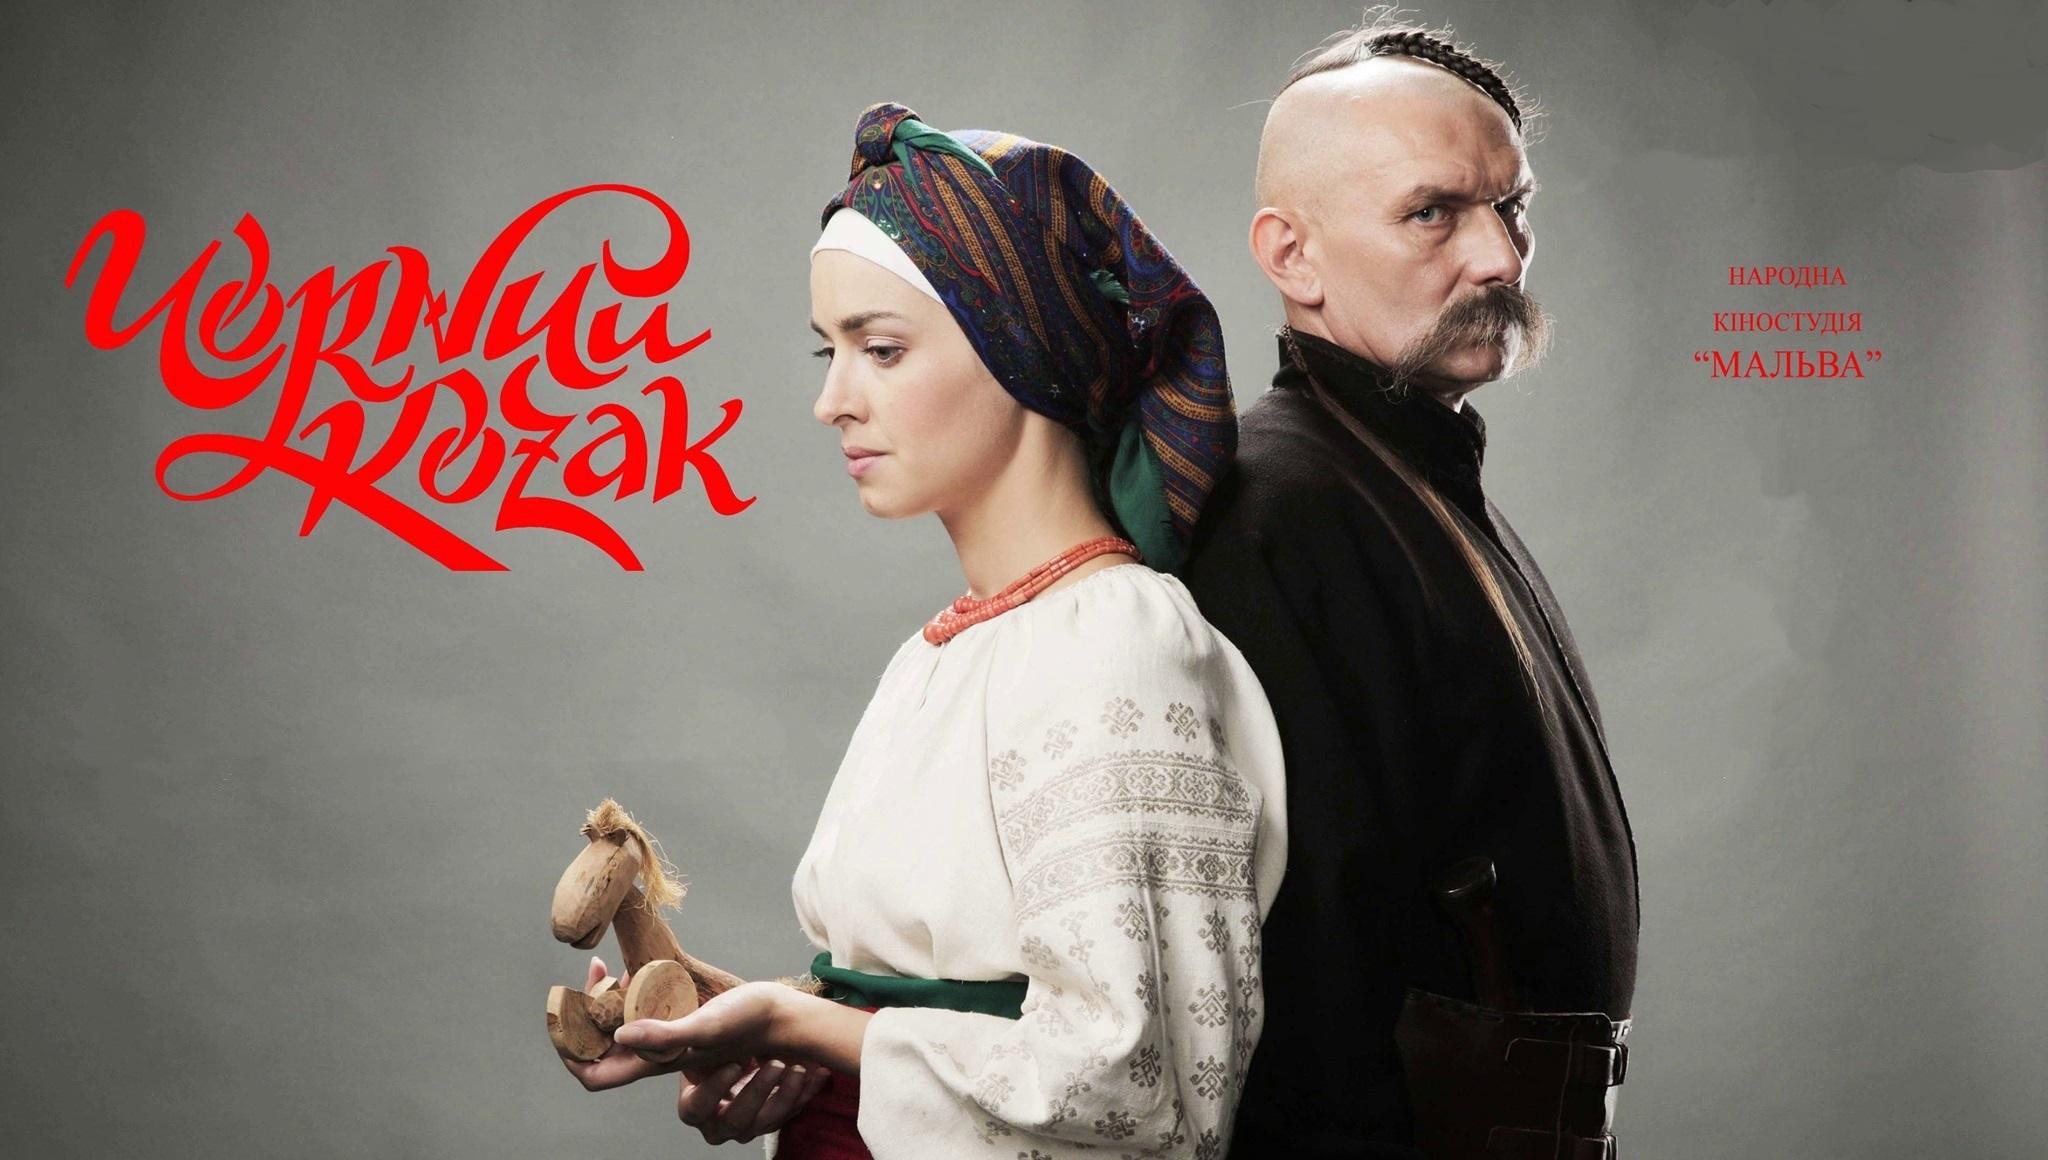 Фільм за сюжетом уманчанина Сашка Лірника з'явився у вільному доступі